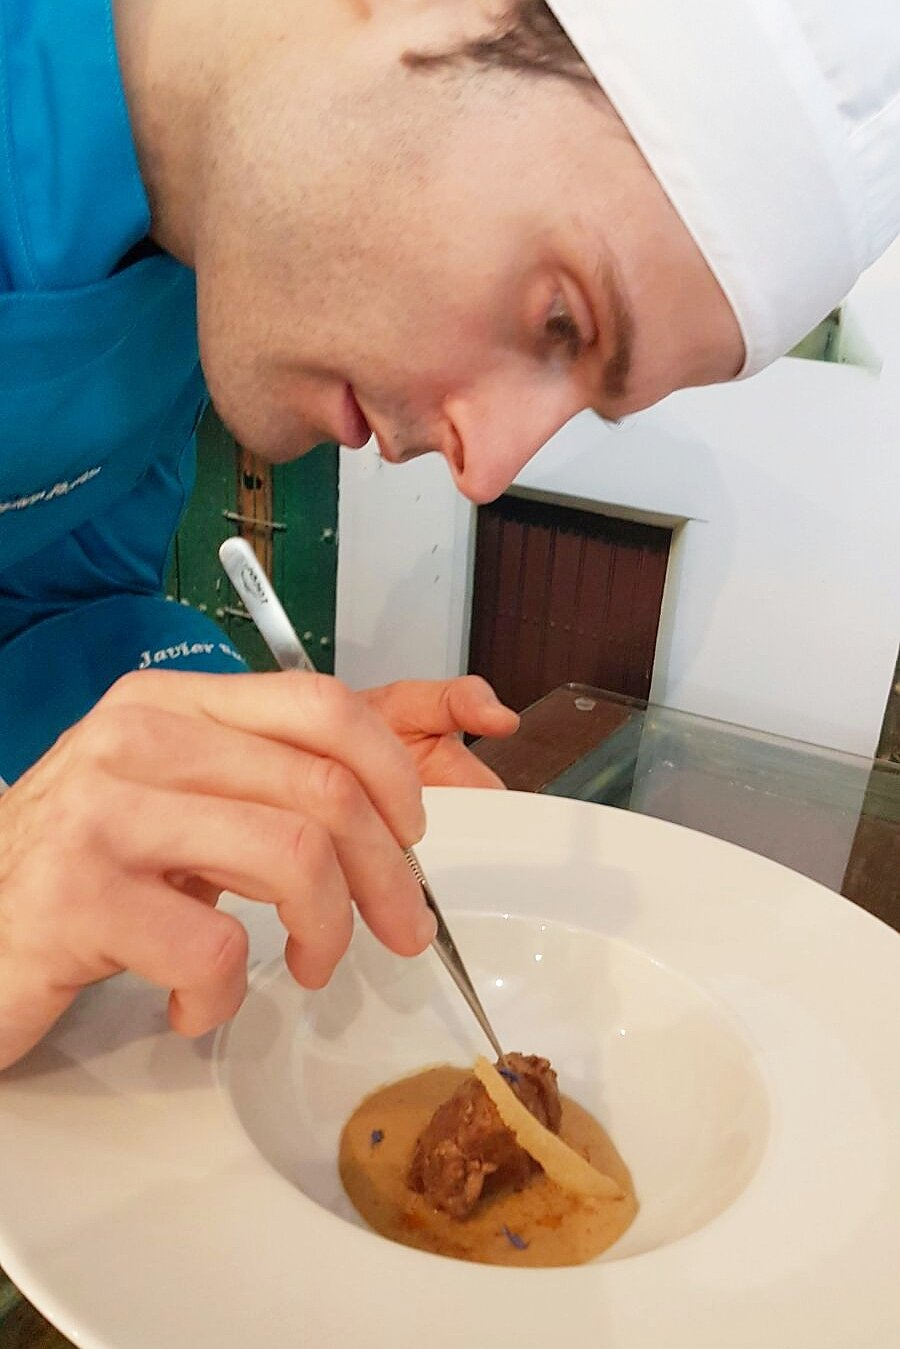 El chef Javier Fuster componiendo un plato